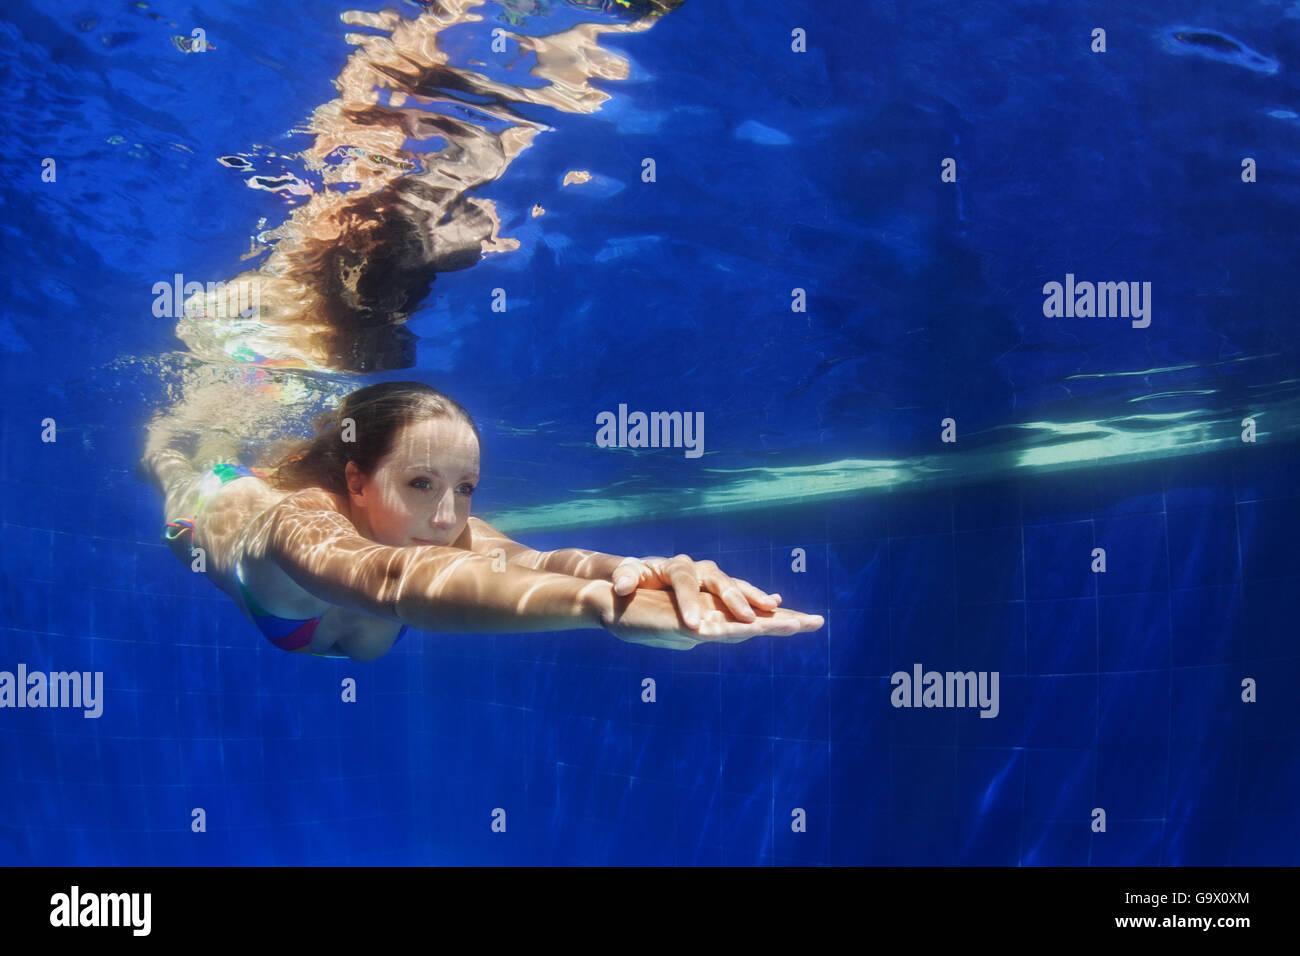 Hermosa joven zambullirse bajo el agua con la diversión de piscina a piscina azul. Estilo de vida activo y Imagen De Stock